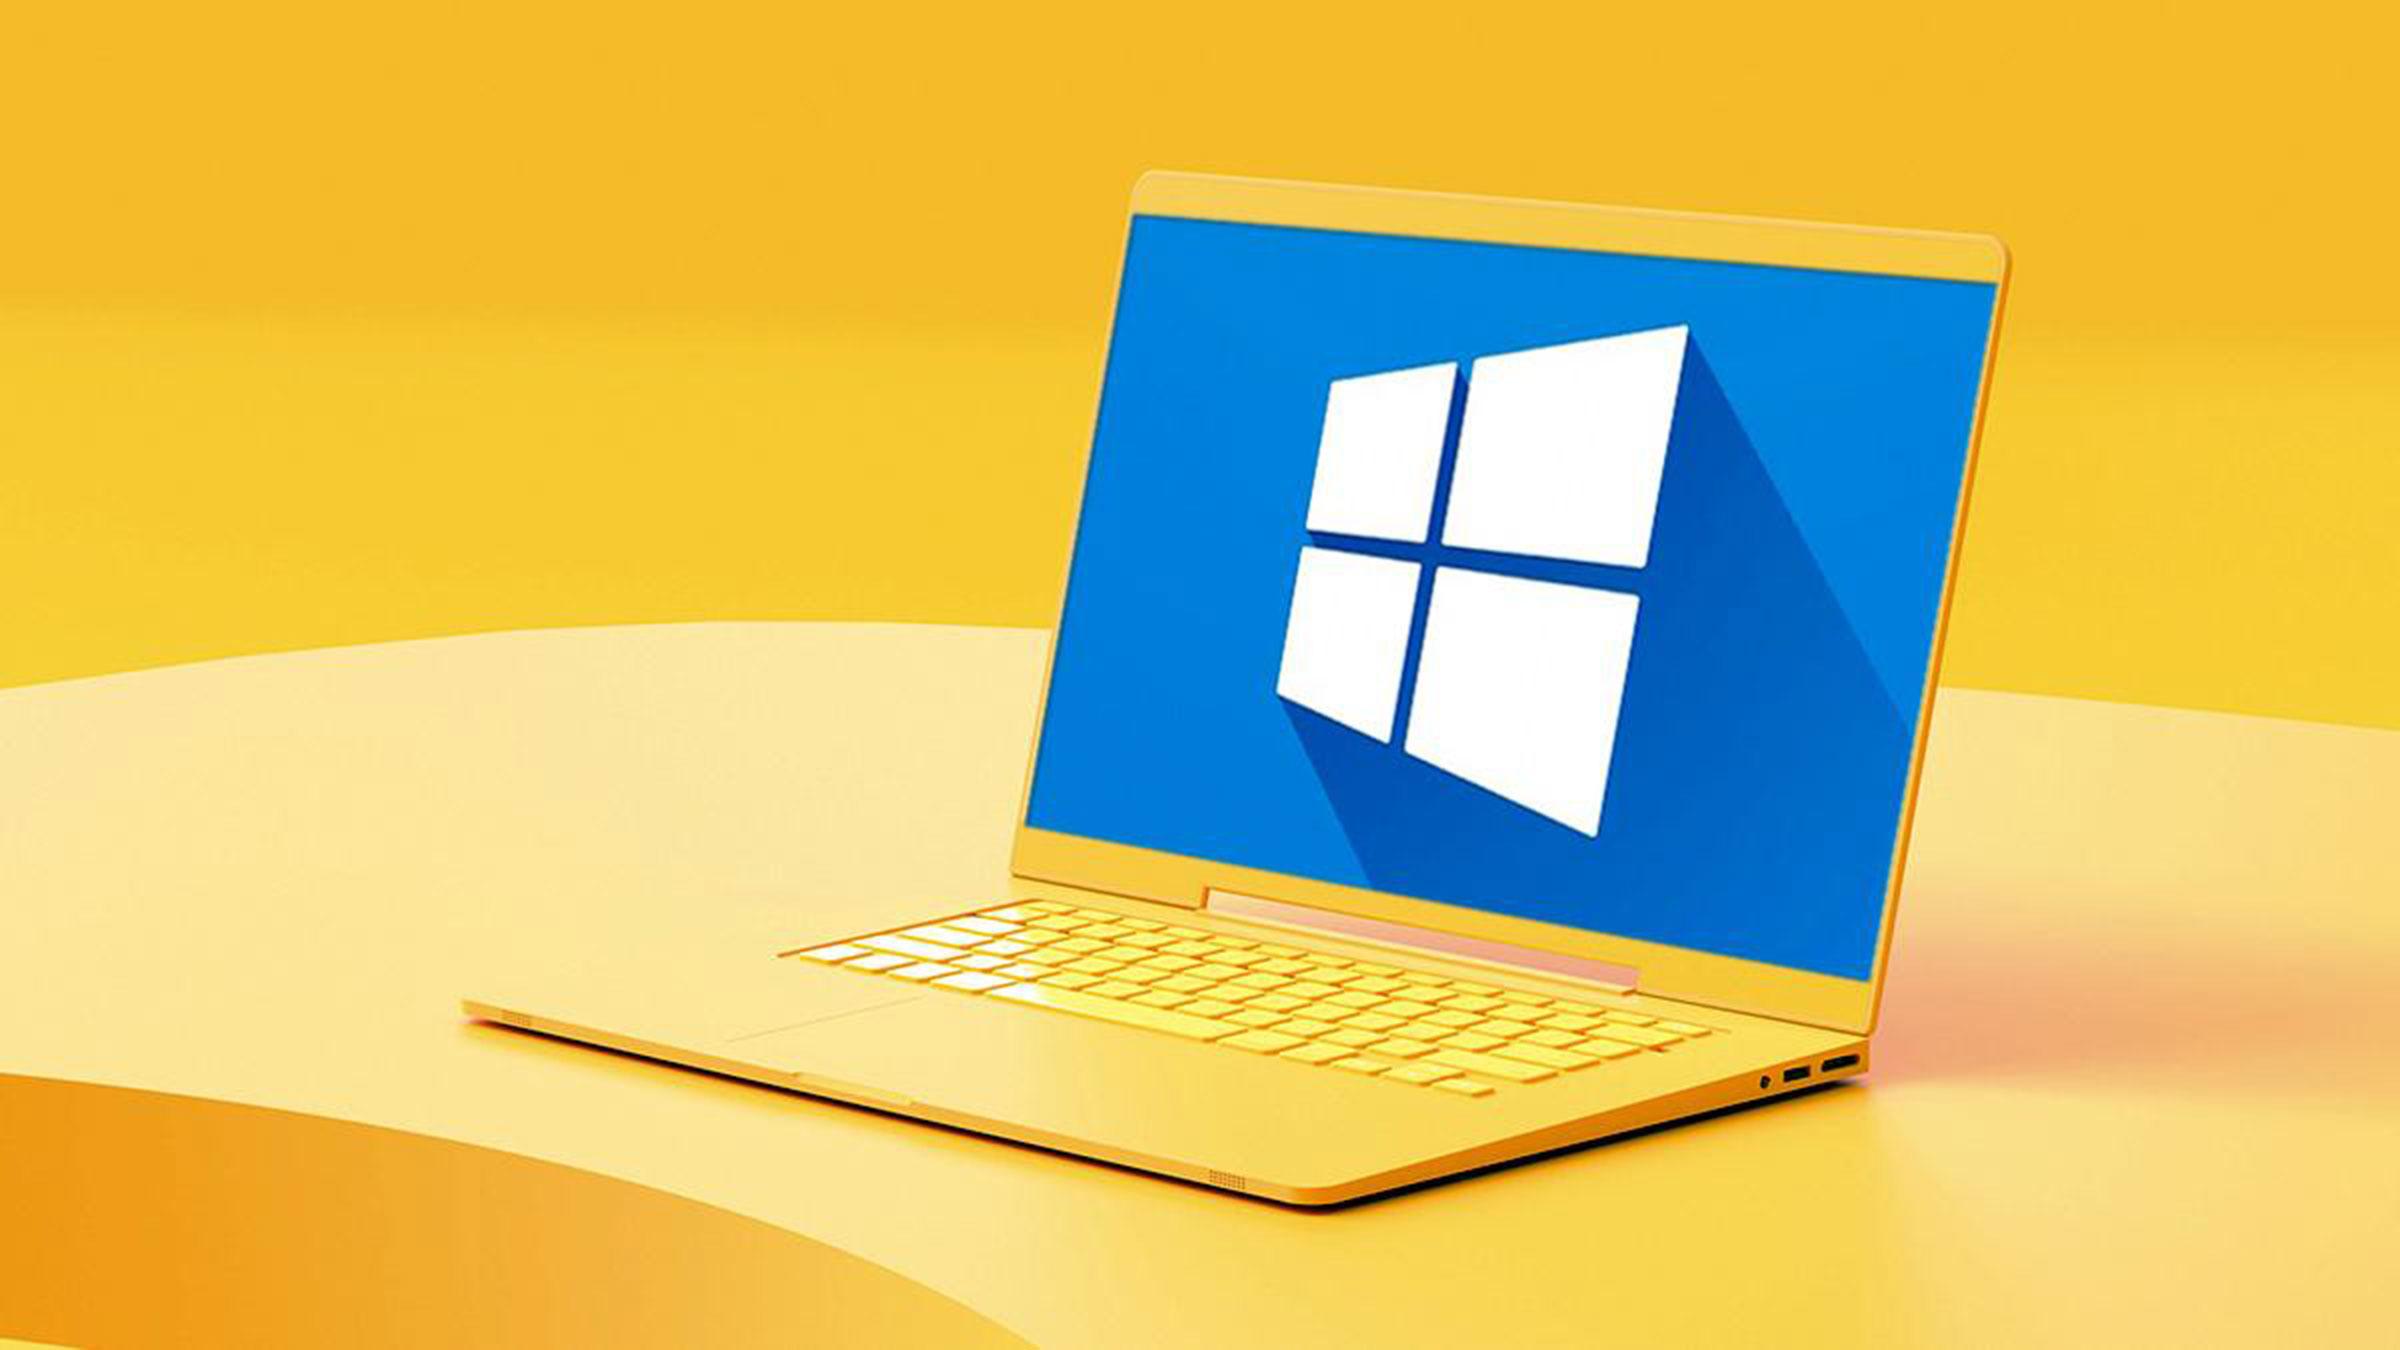 Todo lo que debes saber de Windows 11: fecha de lanzamiento y nuevas funcionalidades